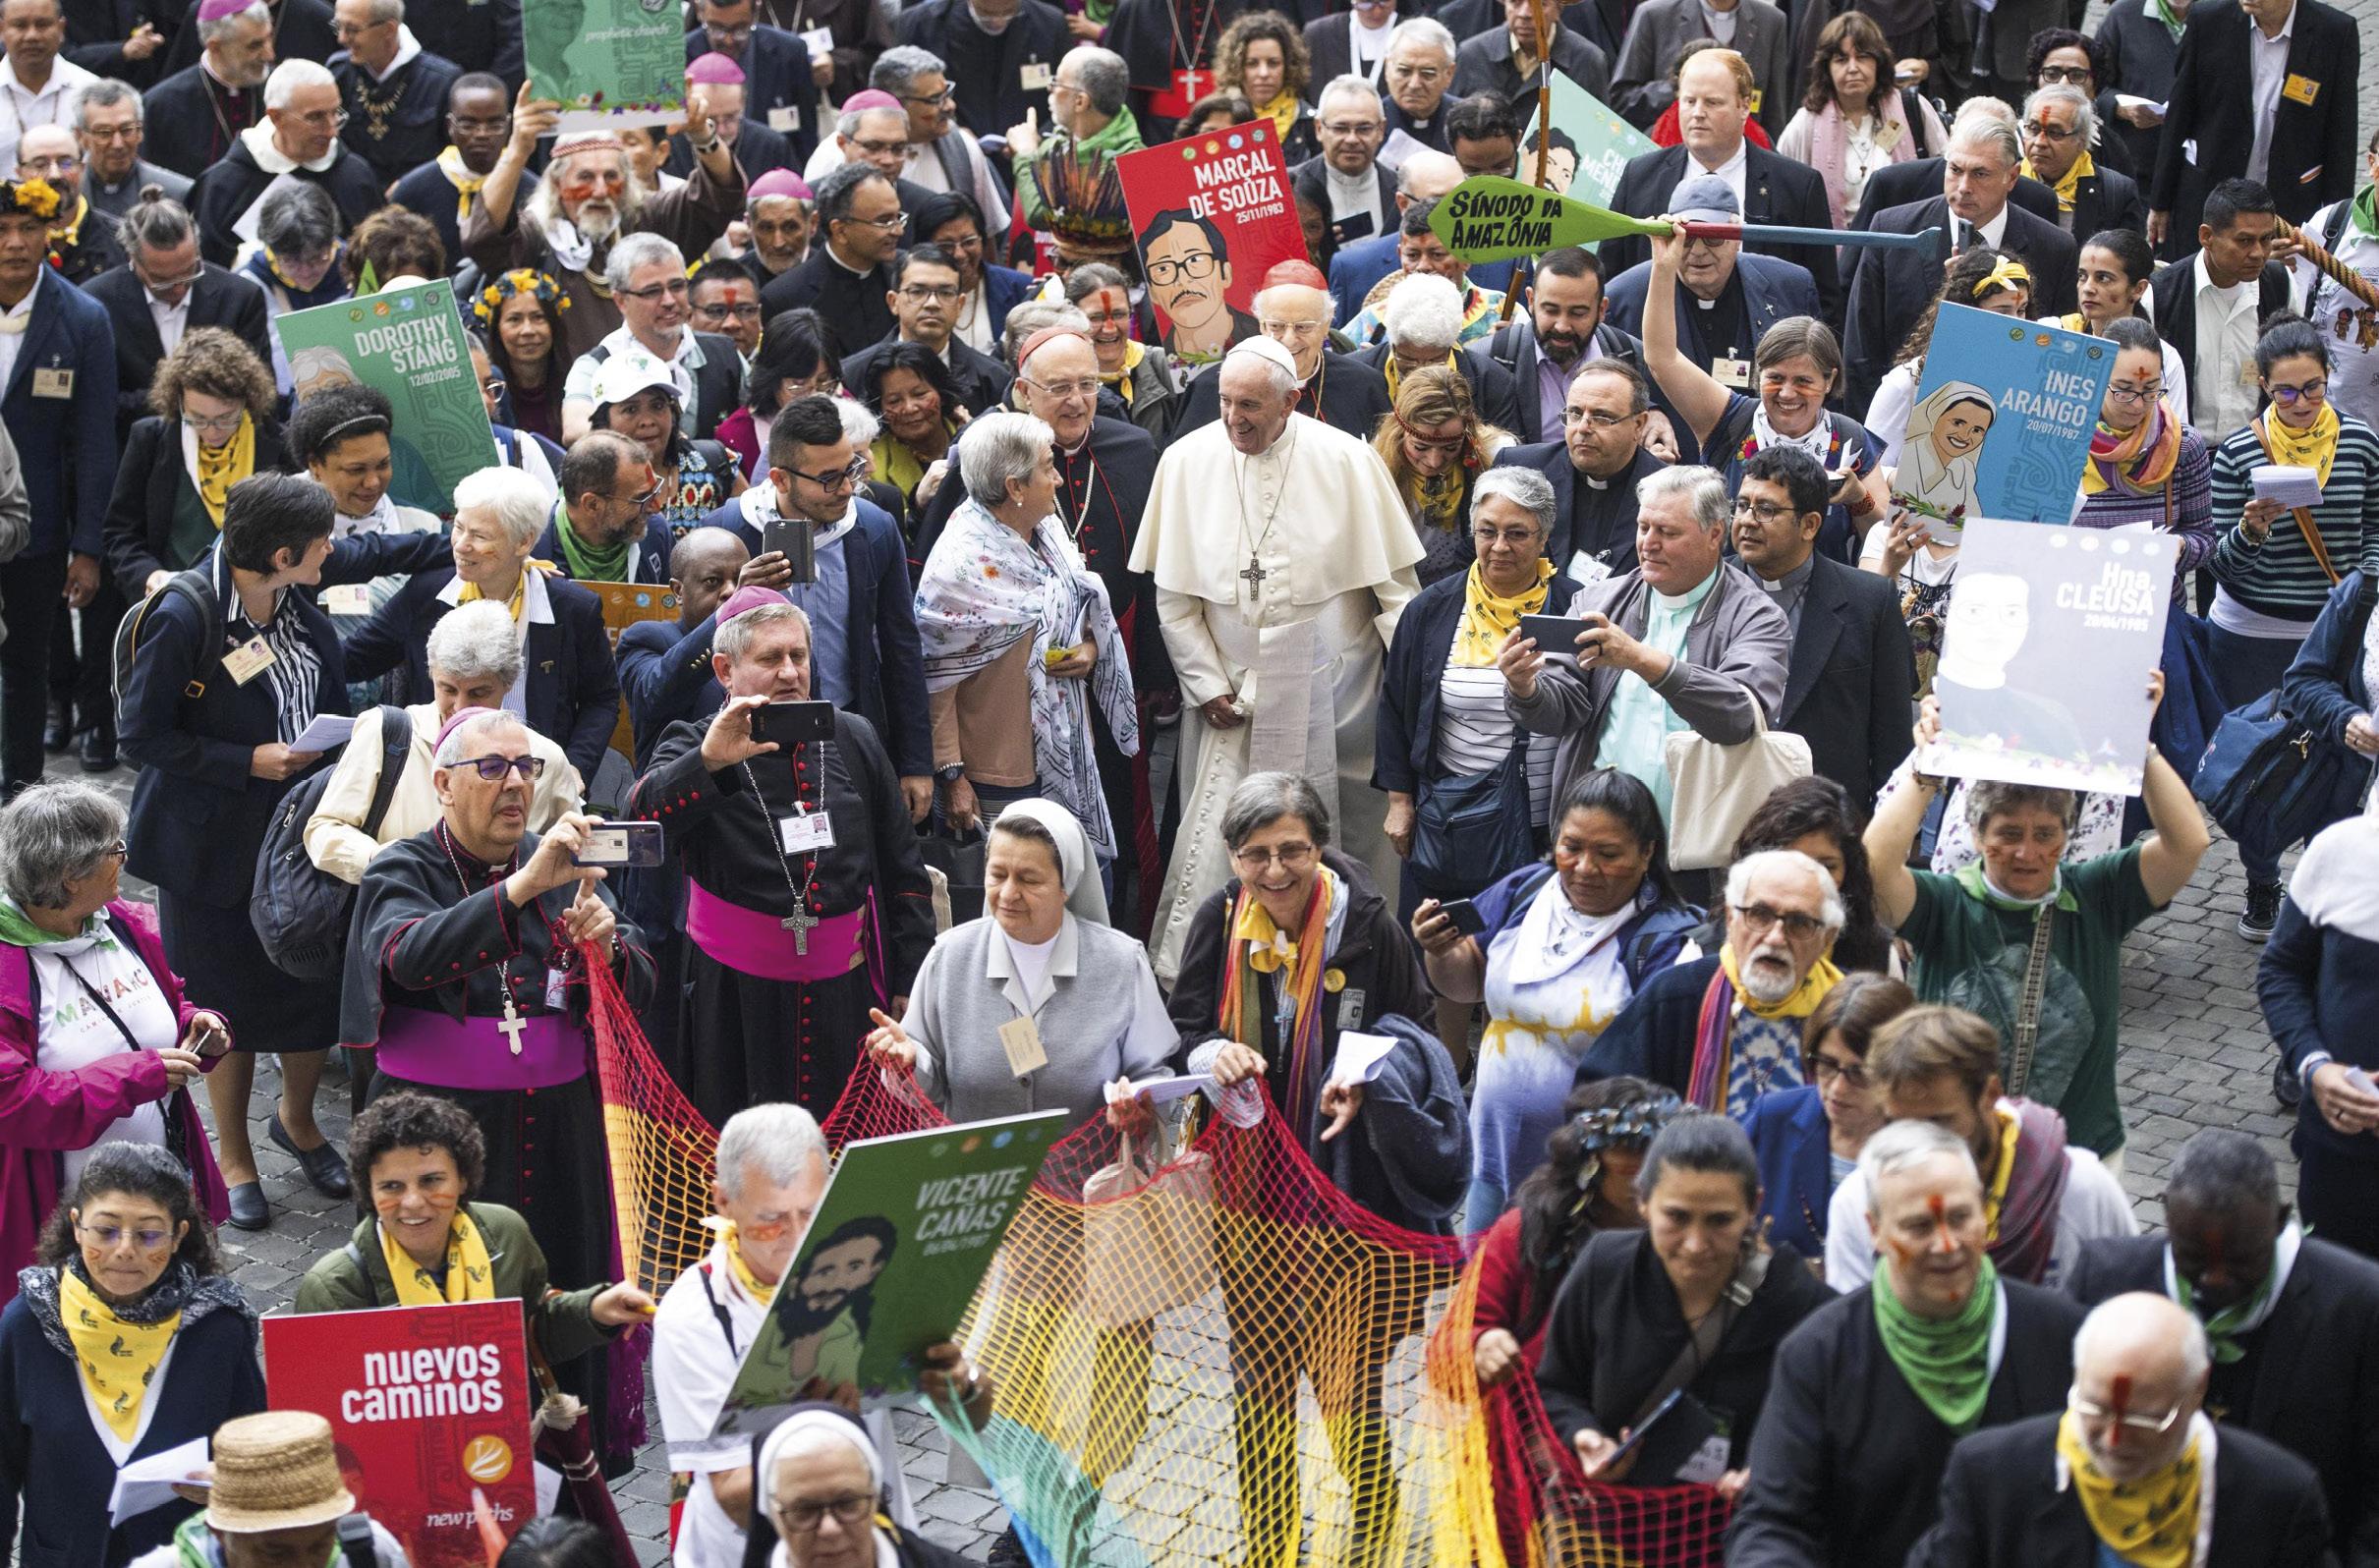 Sínodo da Amazónia, Vaticano, 7 de outubro de 2019. Foto EPA / Claudio Peri.